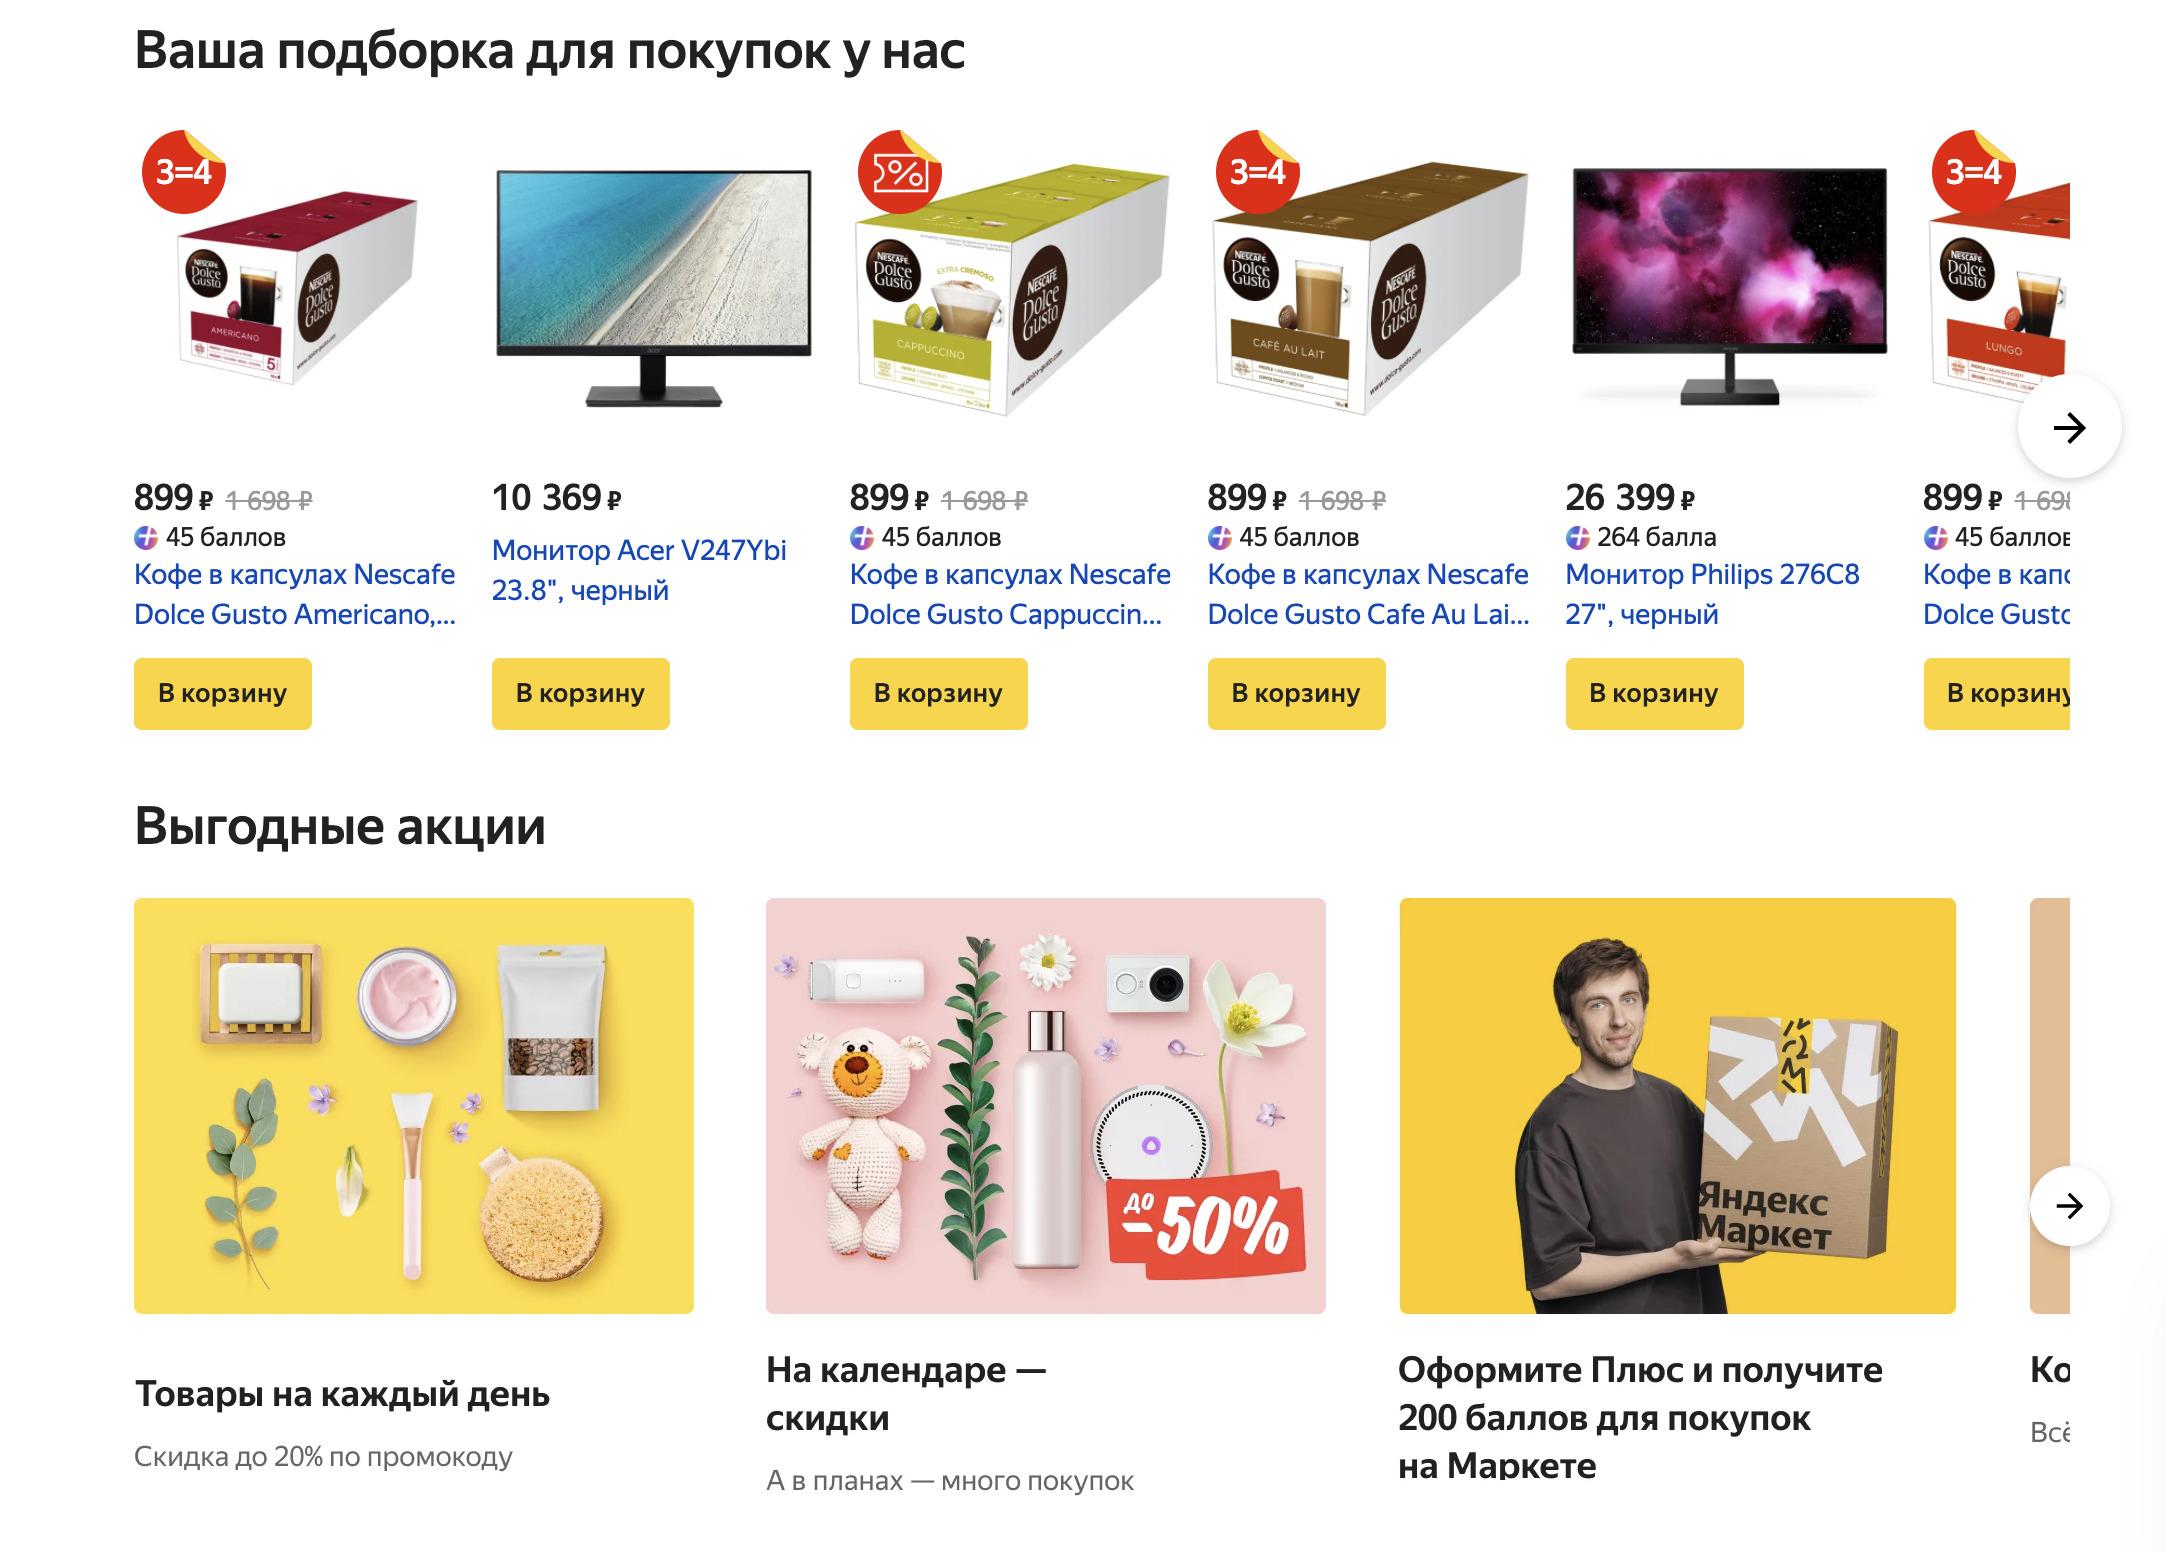 Доставка из Яндекс.Маркет в Мытищи, сроки, пункты выдачи, каталог